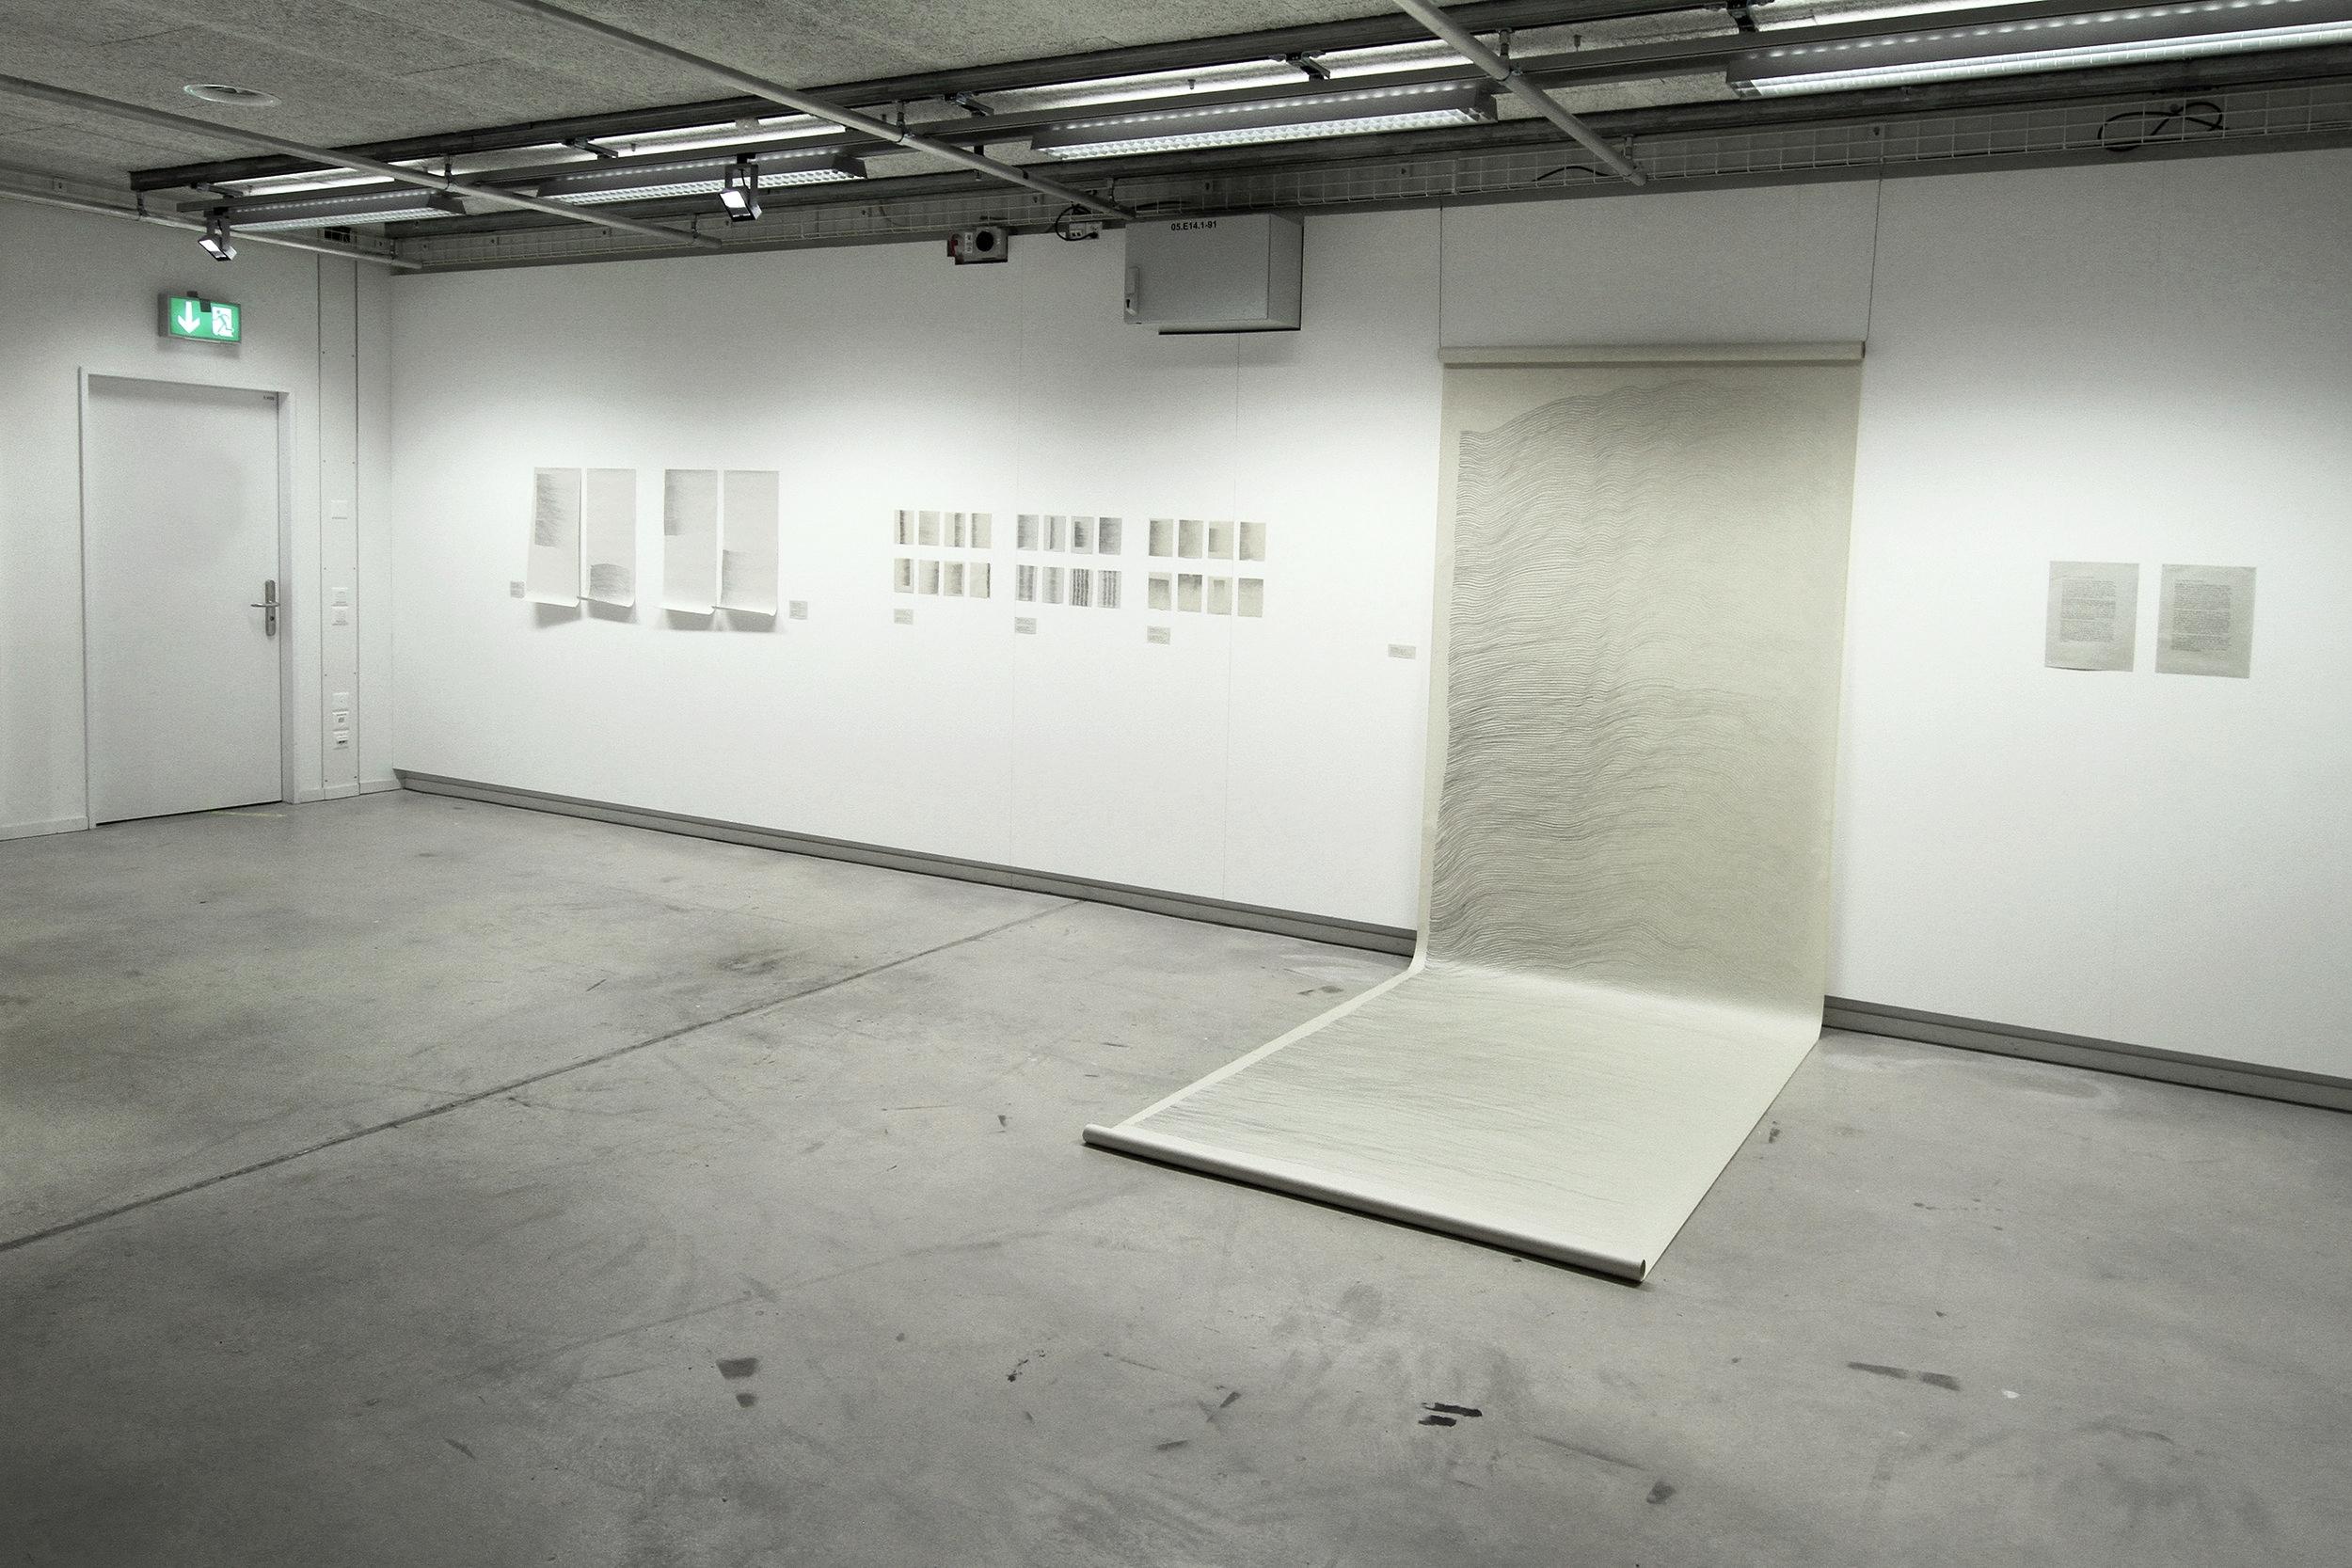 Ausstellung_Übersicht_01.jpg